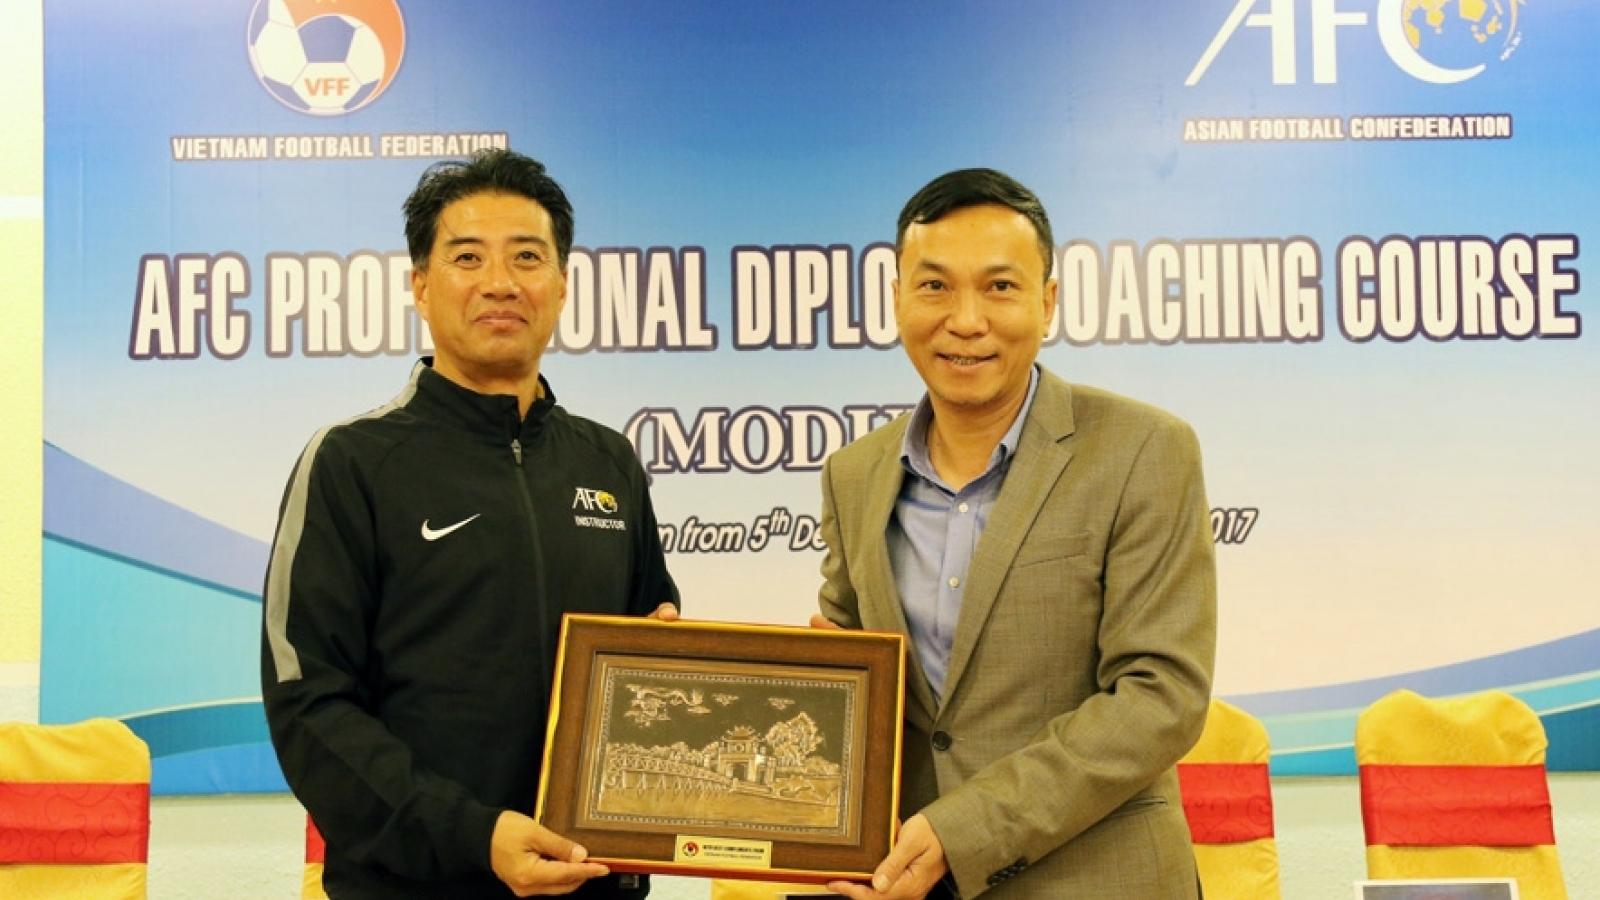 Giám đốc kỹ thuật tài năng của VFF đã có mặt ở Việt Nam